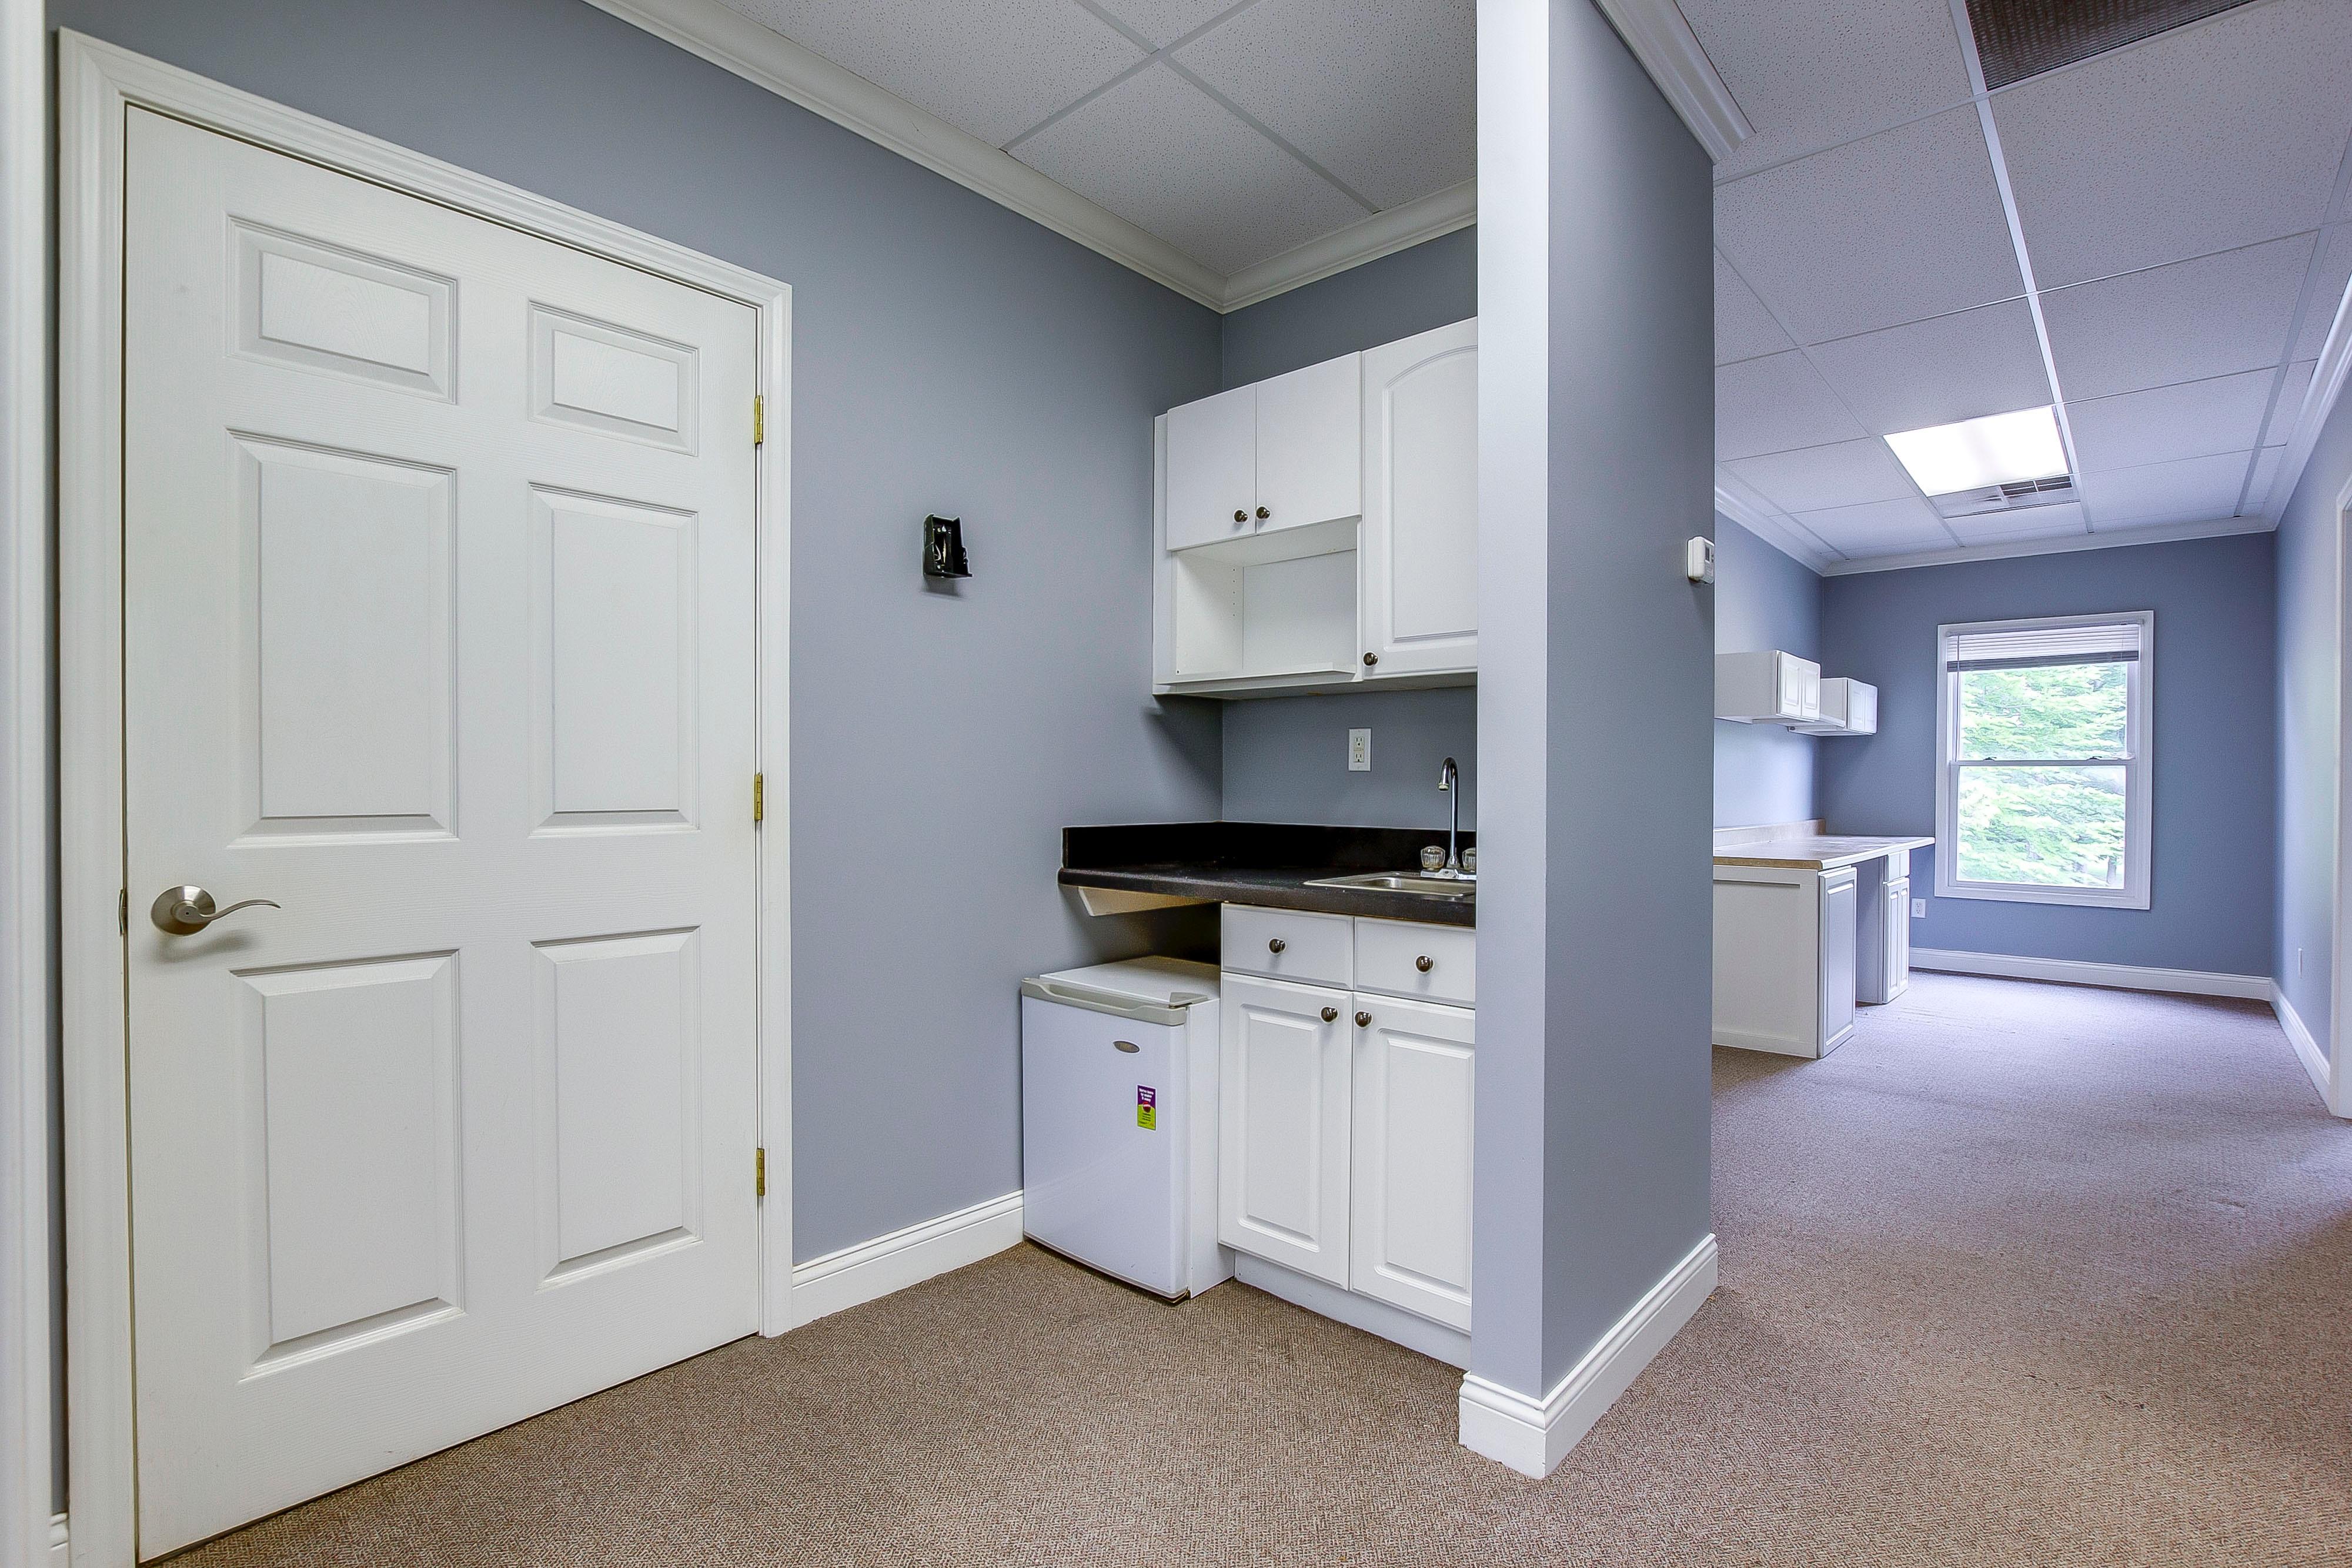 2304 Hurstbourne Village Dr Suite 600 (Image - 3)